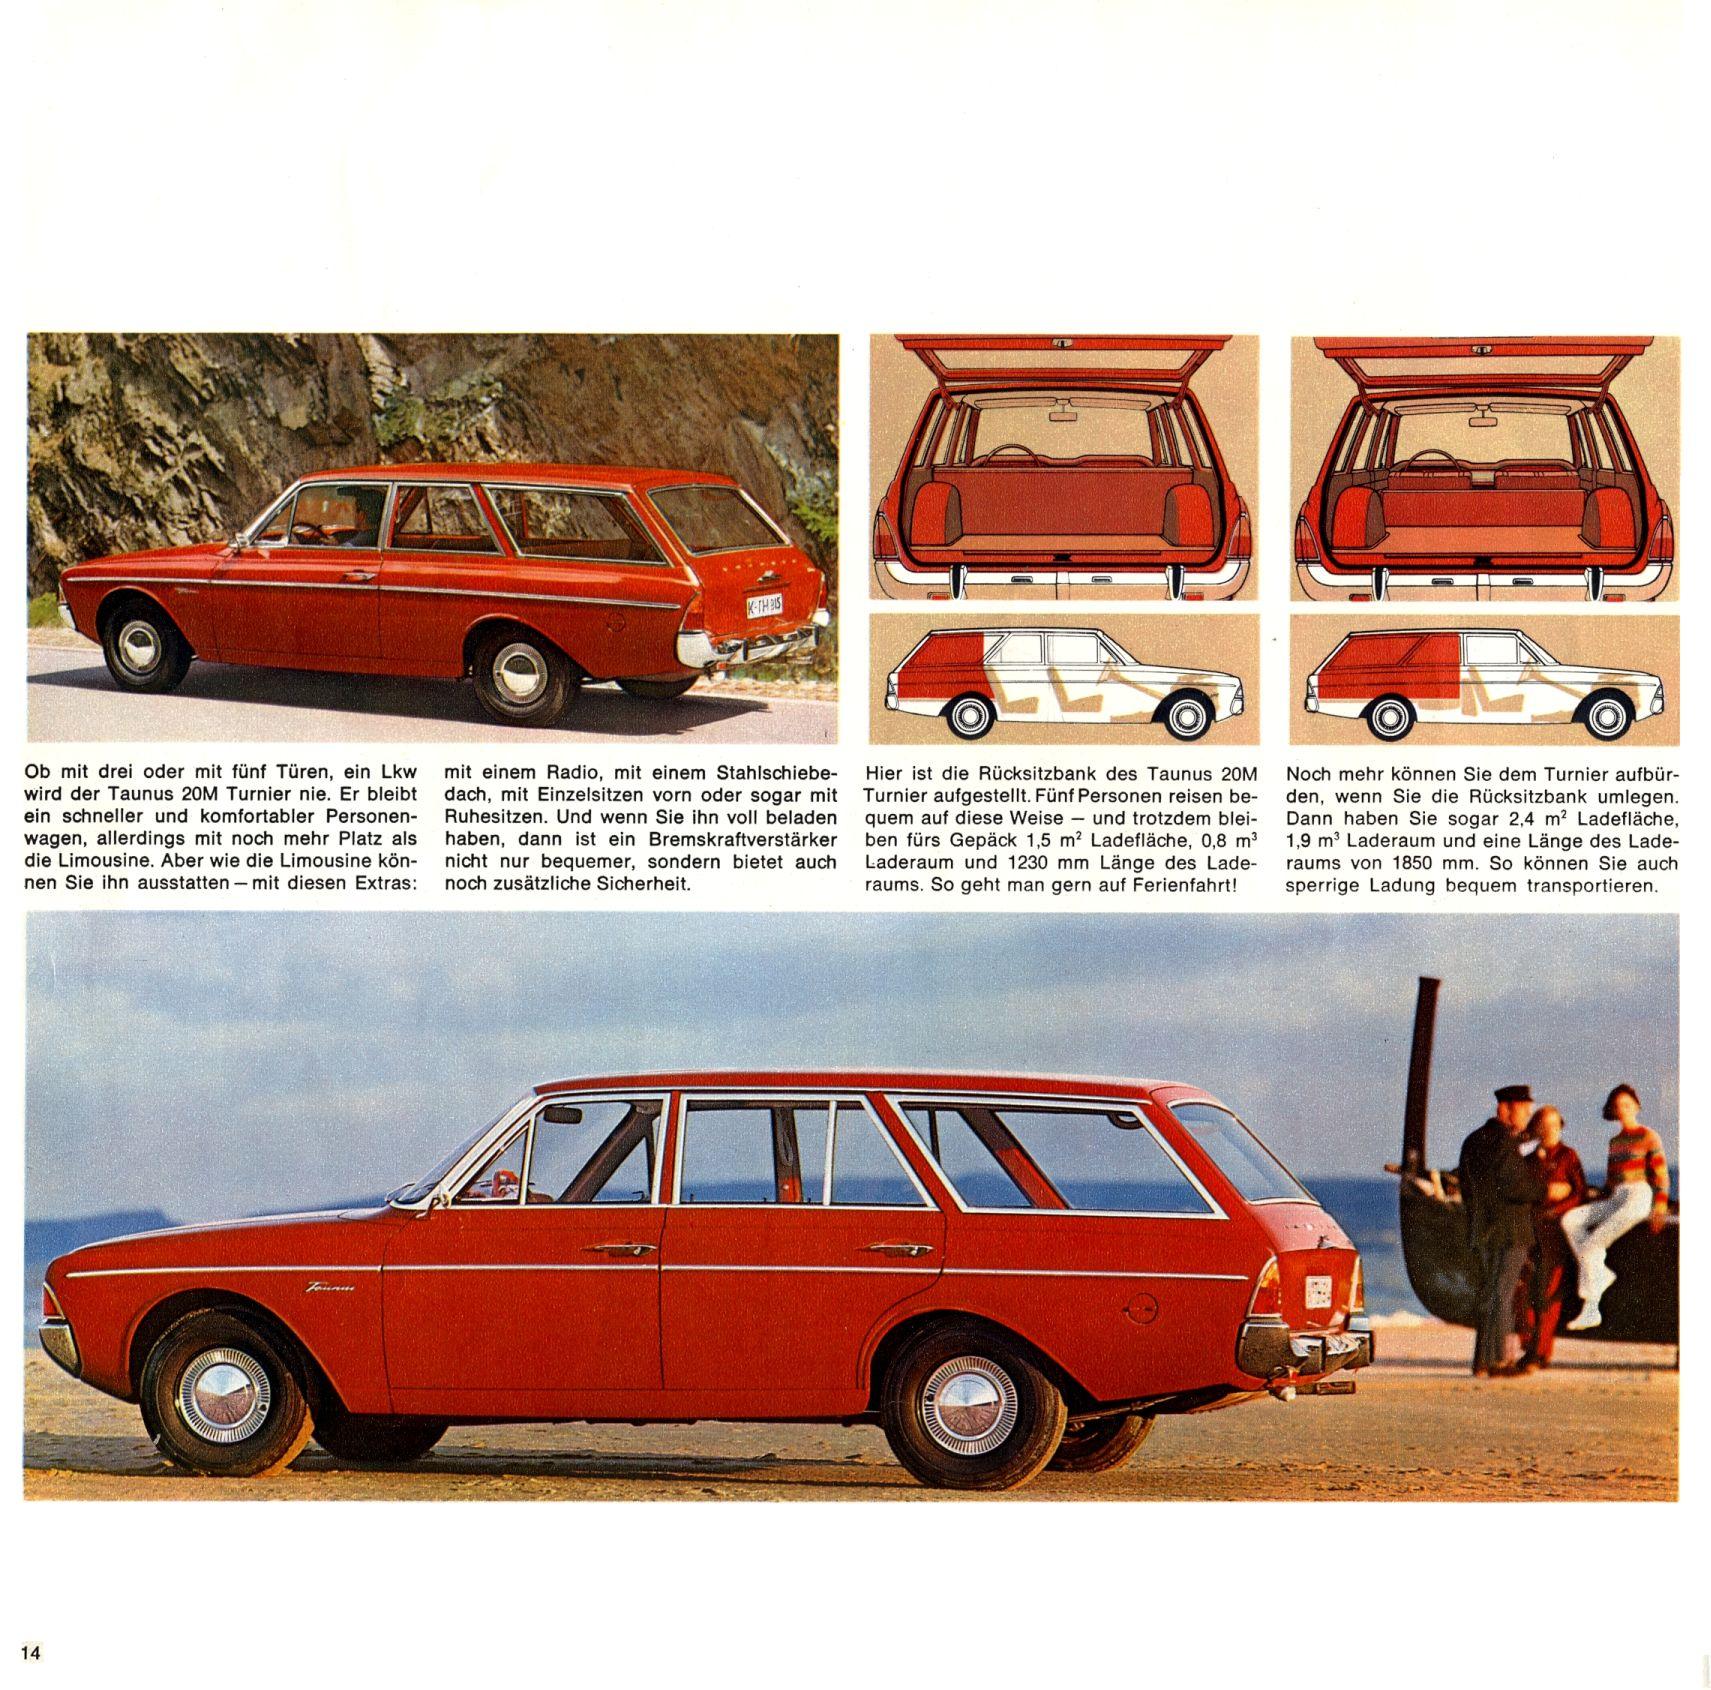 1966 ford 20m brochure Limousine 14 Personen.htm #18